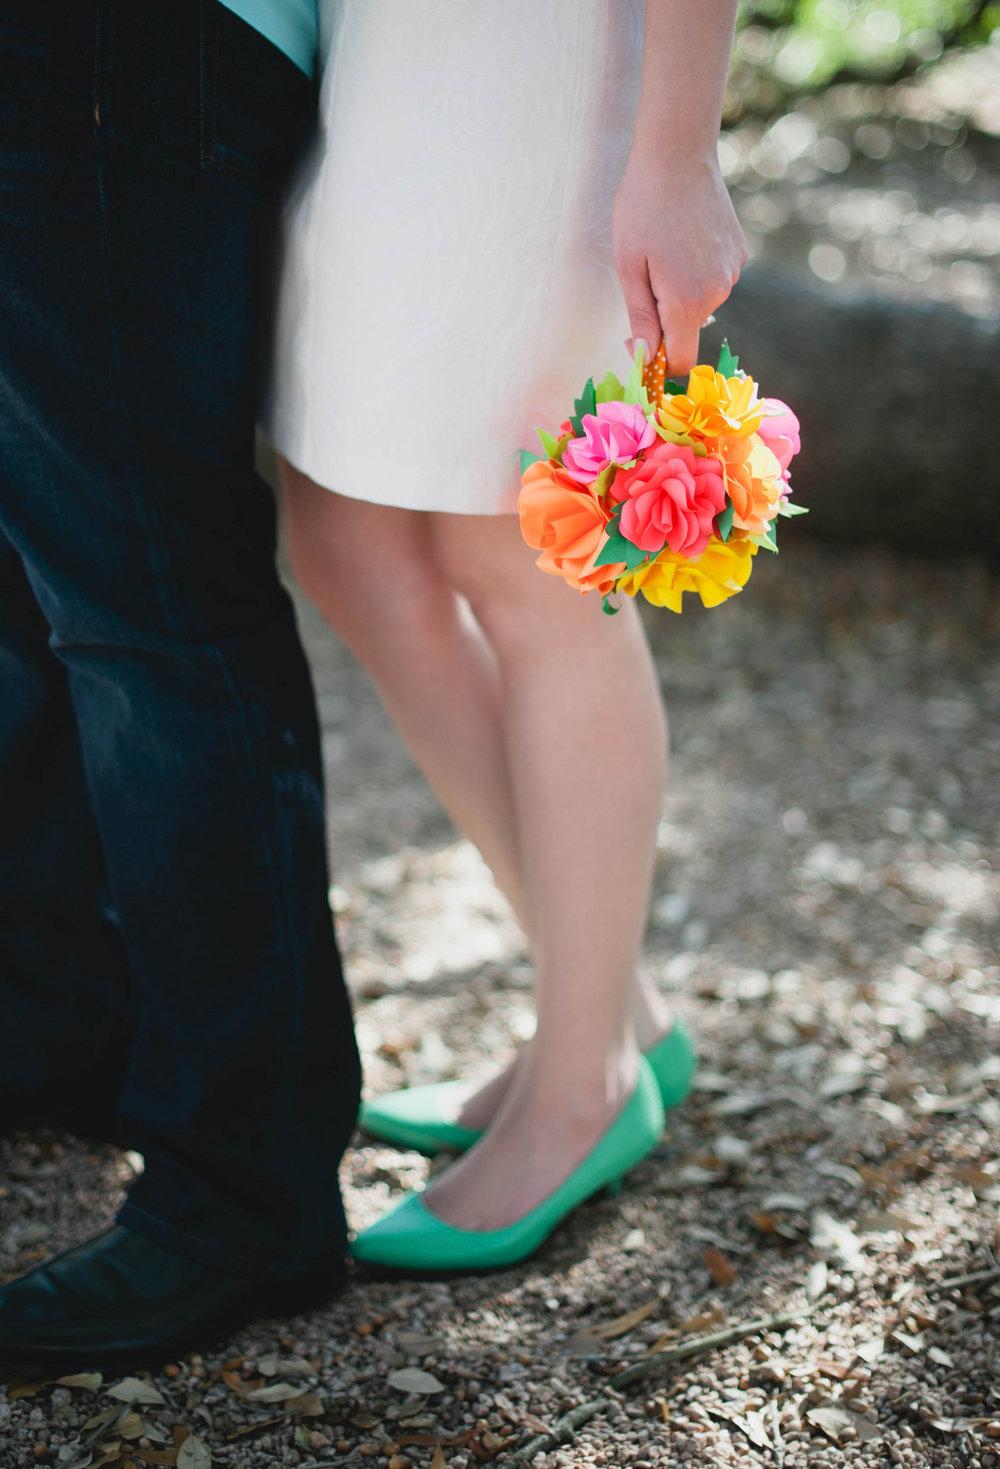 Colorful paper flower bouquet